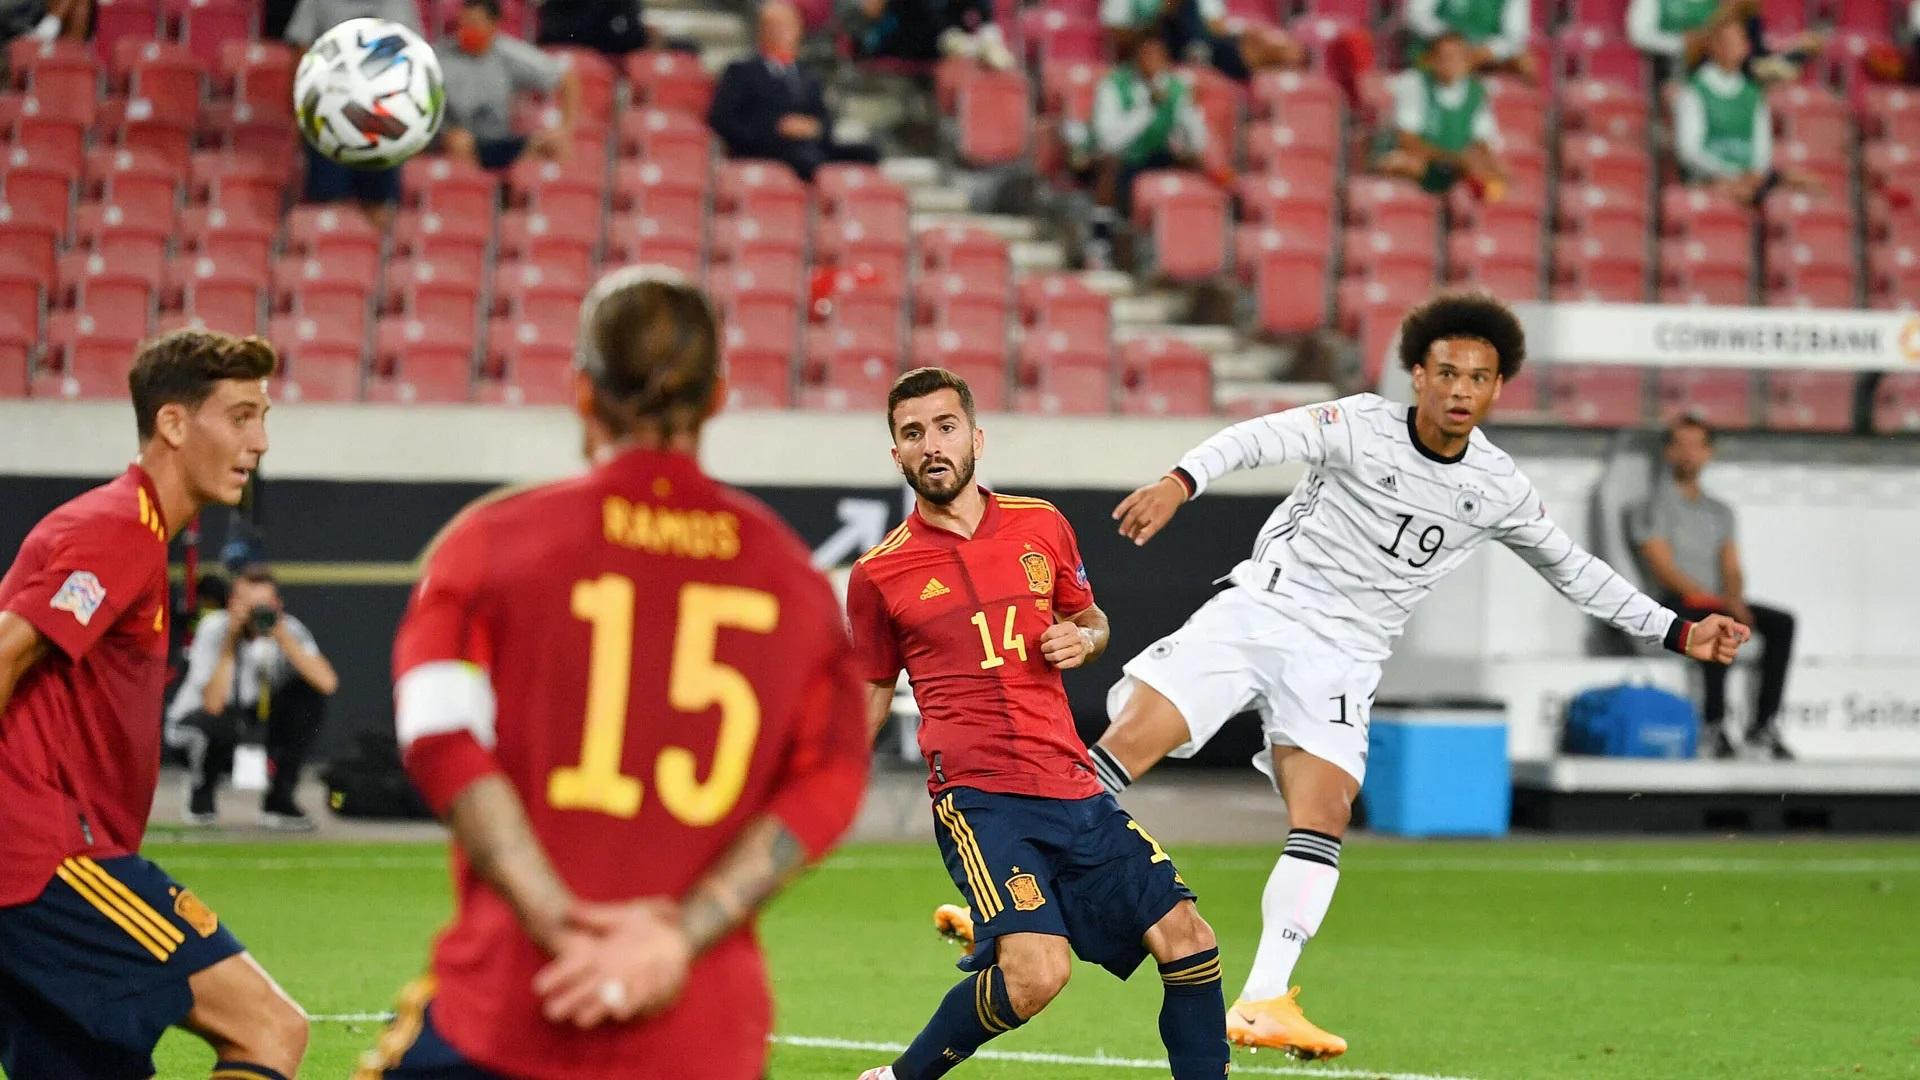 Късен изравнителен гол на Гая отне победата на Германия срещу Испания 1